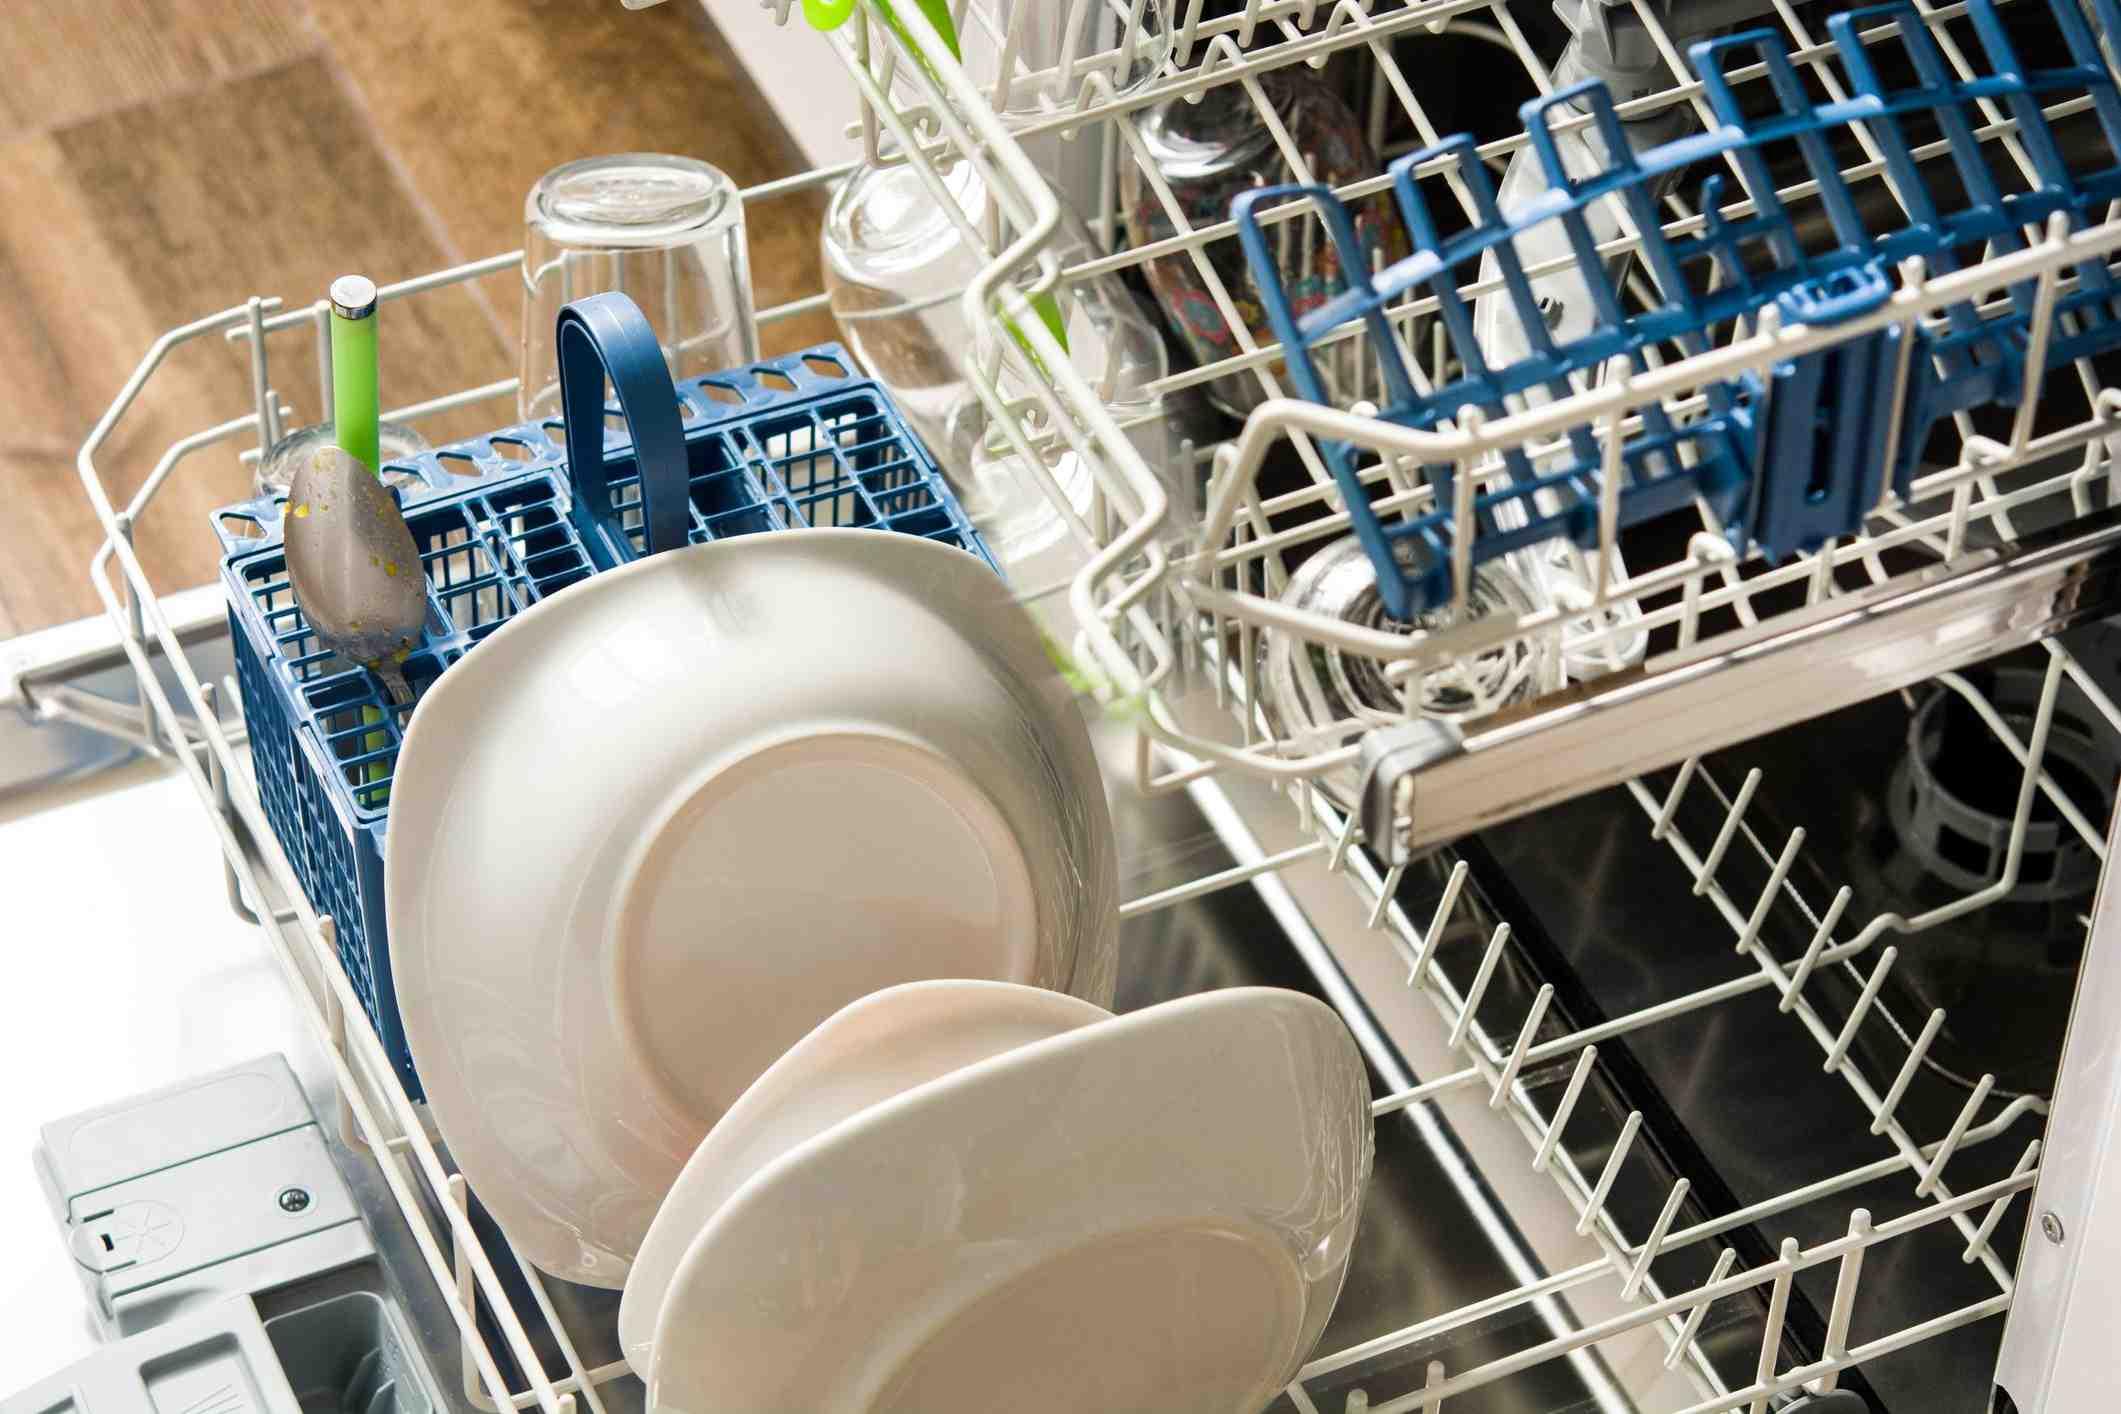 Qu'est-ce qu'on peut mettre dans un Lave-vaisselle ?